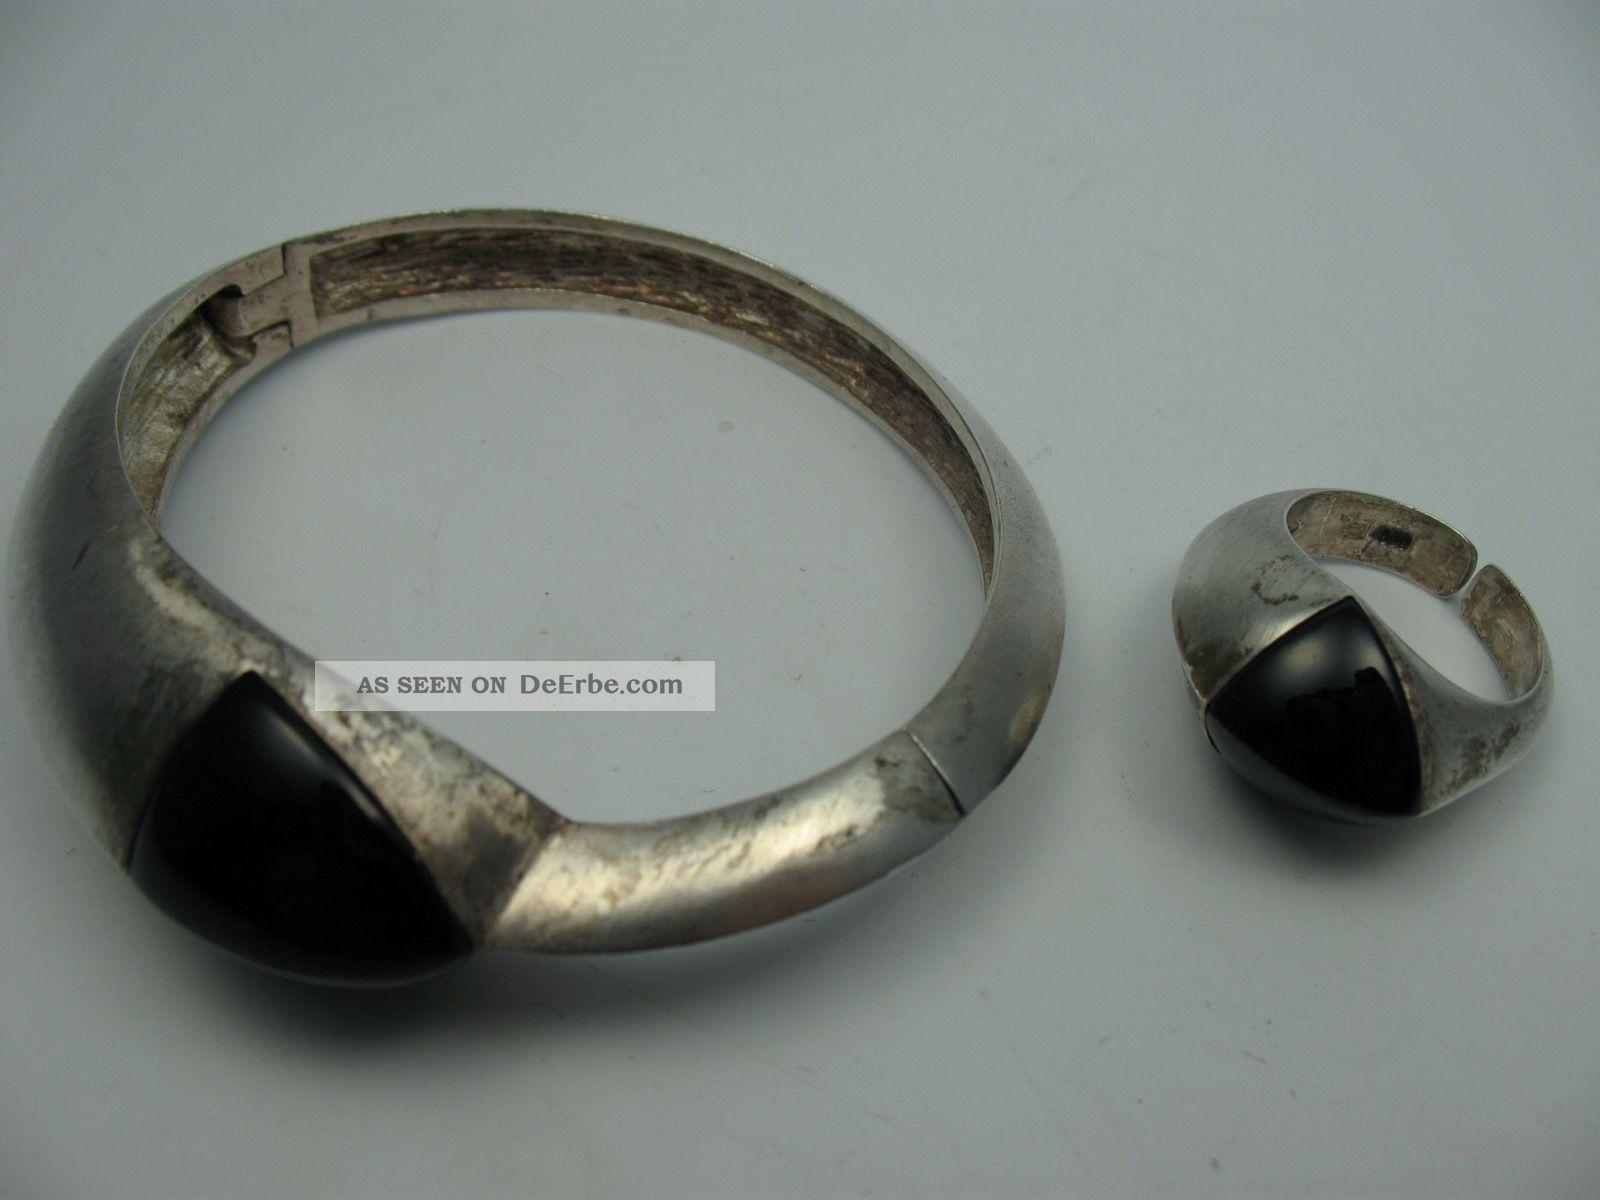 Schönes 2 Teiliges 60er 70er Jahre Schmuckset Aus 800 Silber Mit Onyx Schmuck & Accessoires Bild